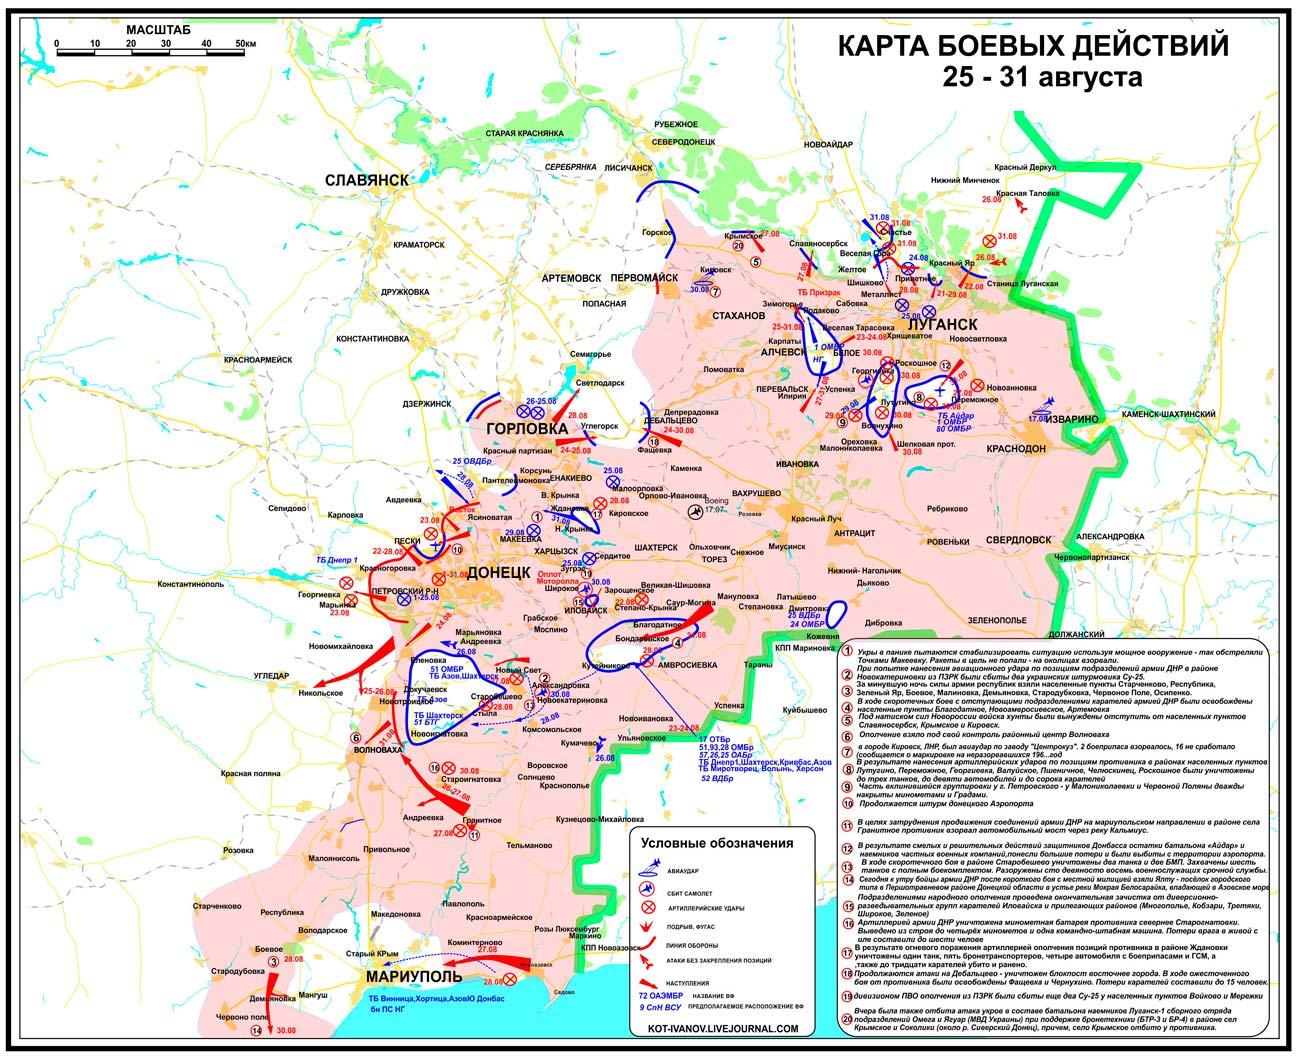 Общая карта боевых действий на Донбассе за 31-1 августа